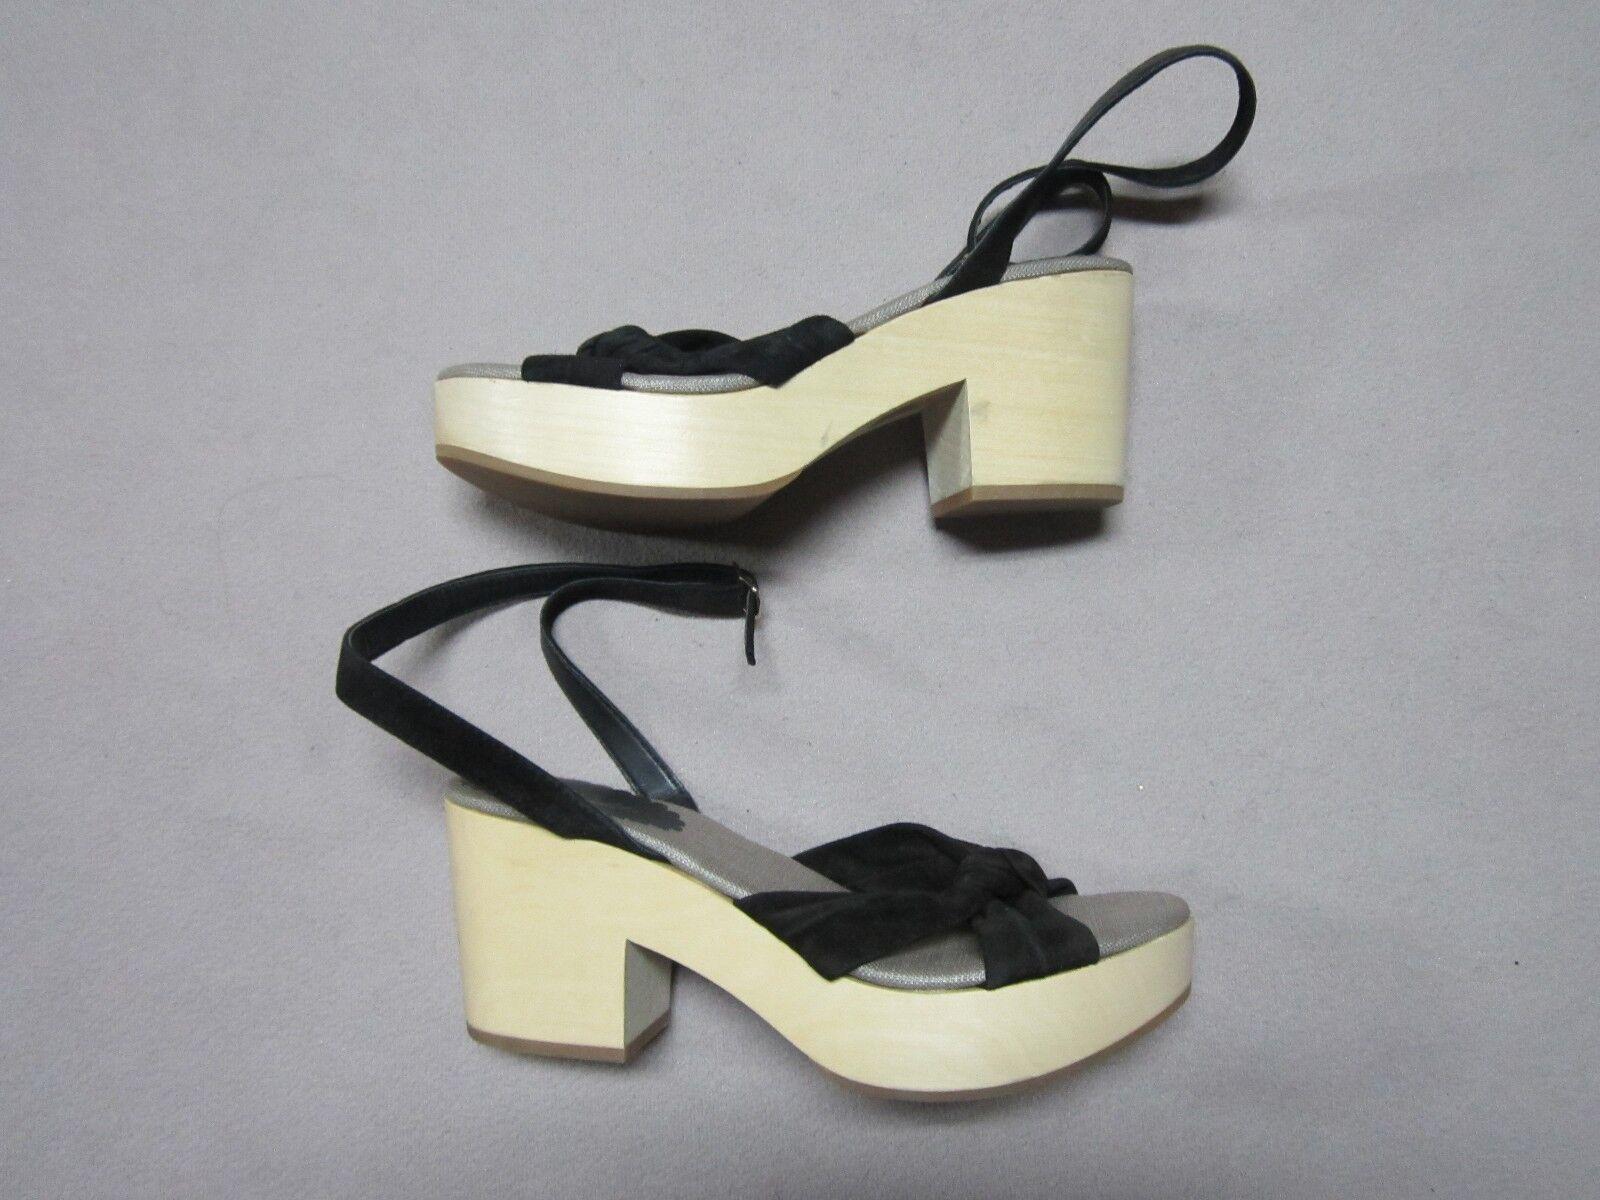 MISS ALBRIGHT ANTHROPOLOGIE Damenschuhe PETRA CLOG HEELS Schuhe SIZE 7 NEU ITALY MADE